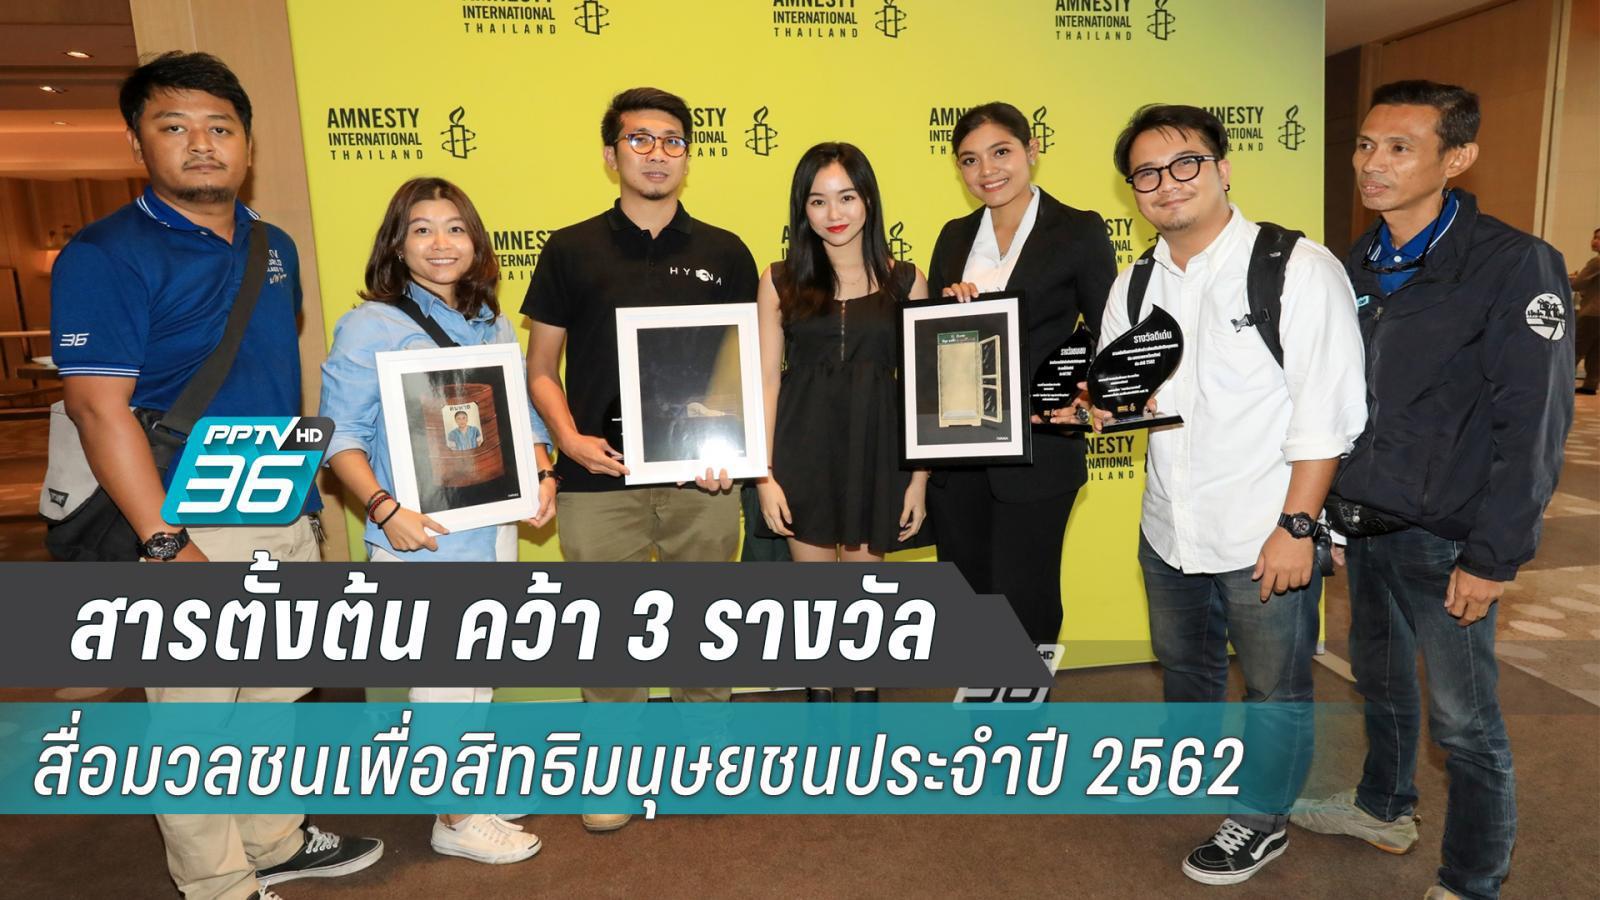 รายการสารตั้งต้น พีพีทีวี คว้า 3 รางวัลสื่อมวลชนเพื่อสิทธิมนุษยชนประจำปี 2562